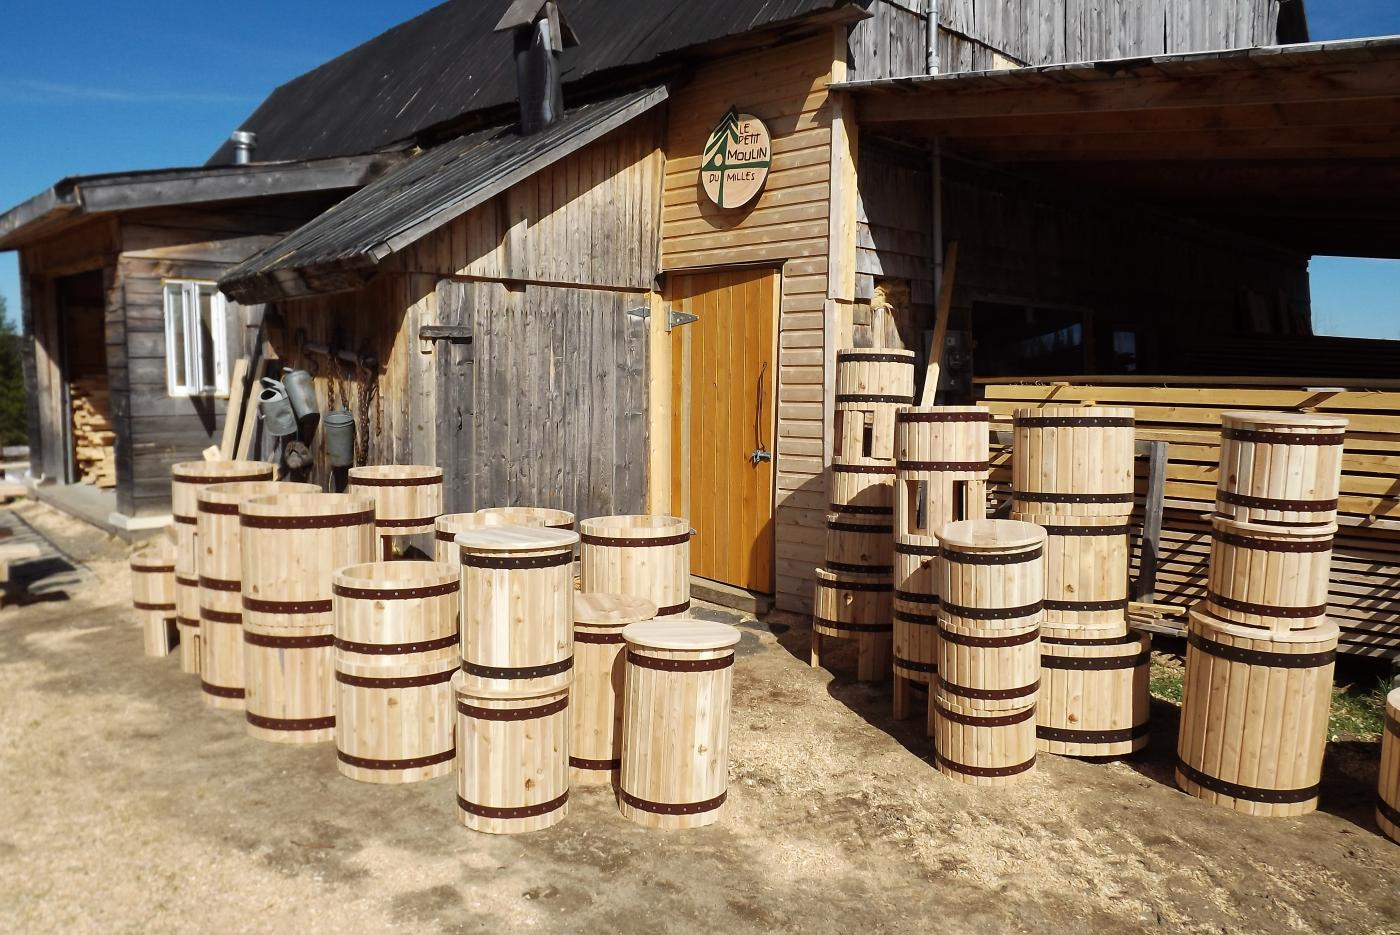 Pots a fleurs - Le petit moulin du 4 milles - Artisans du cèdre - Cédrières - Saunas - Les barils - Cantons de l'Est - Estrie